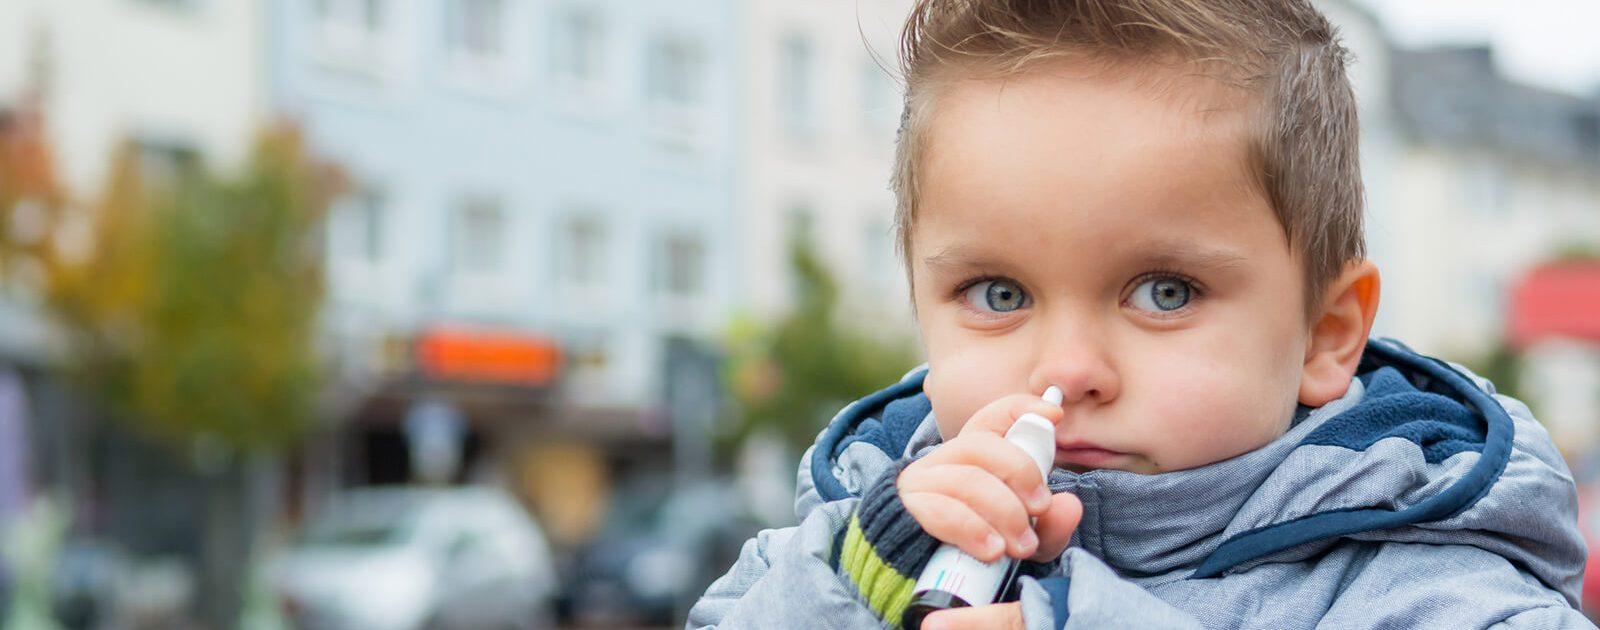 Ein kleiner Junge behandelt seinen Schnupfen mit einem Nasenspray